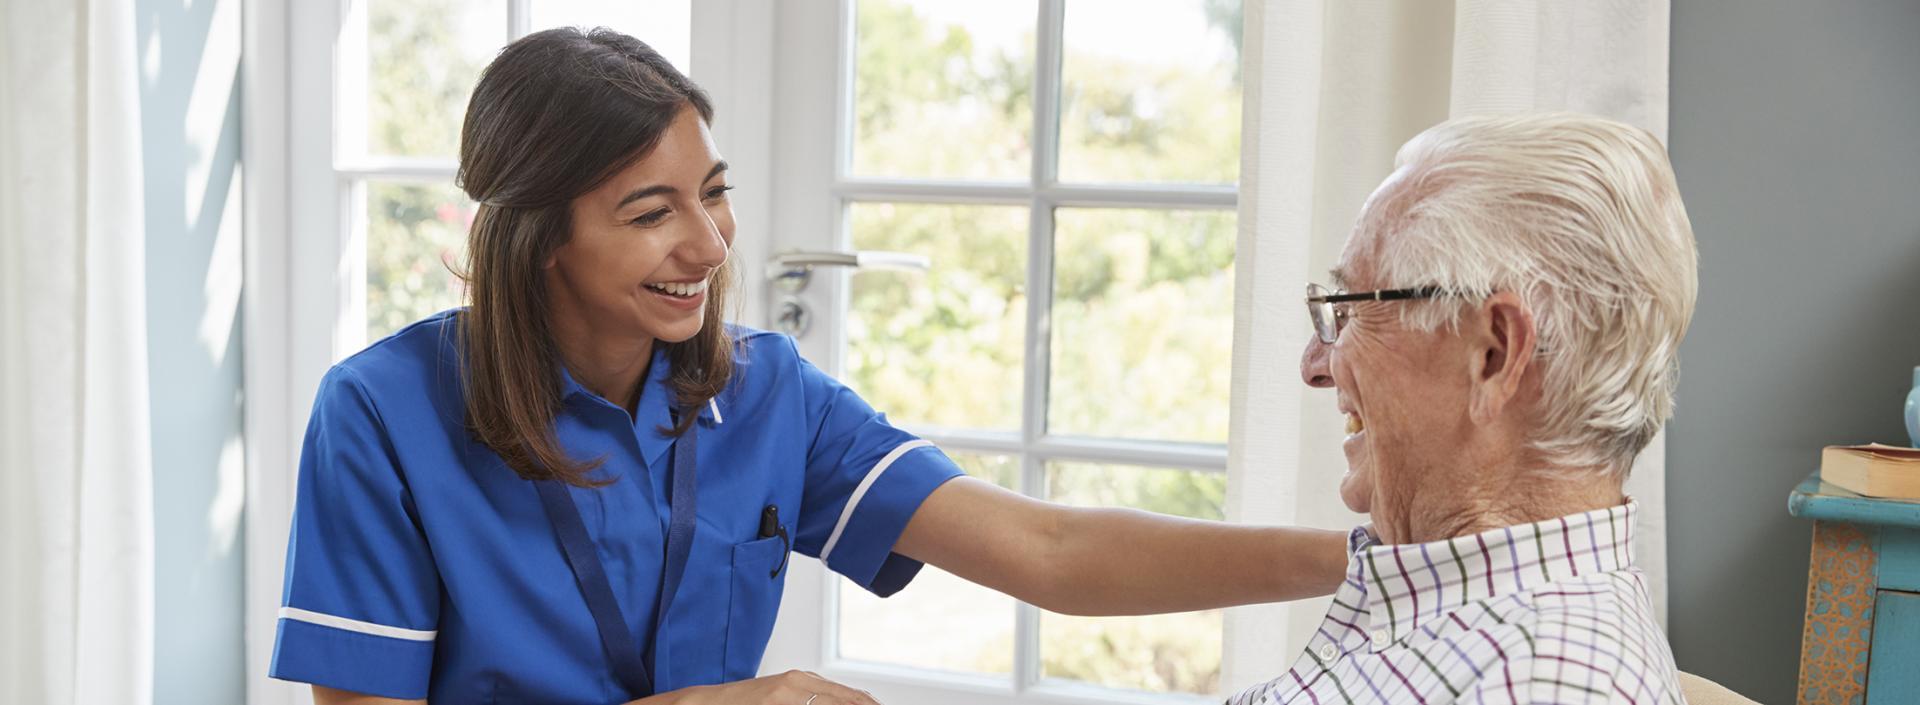 Especialização Avançada em Intervenção do Serviço Social na Saúde